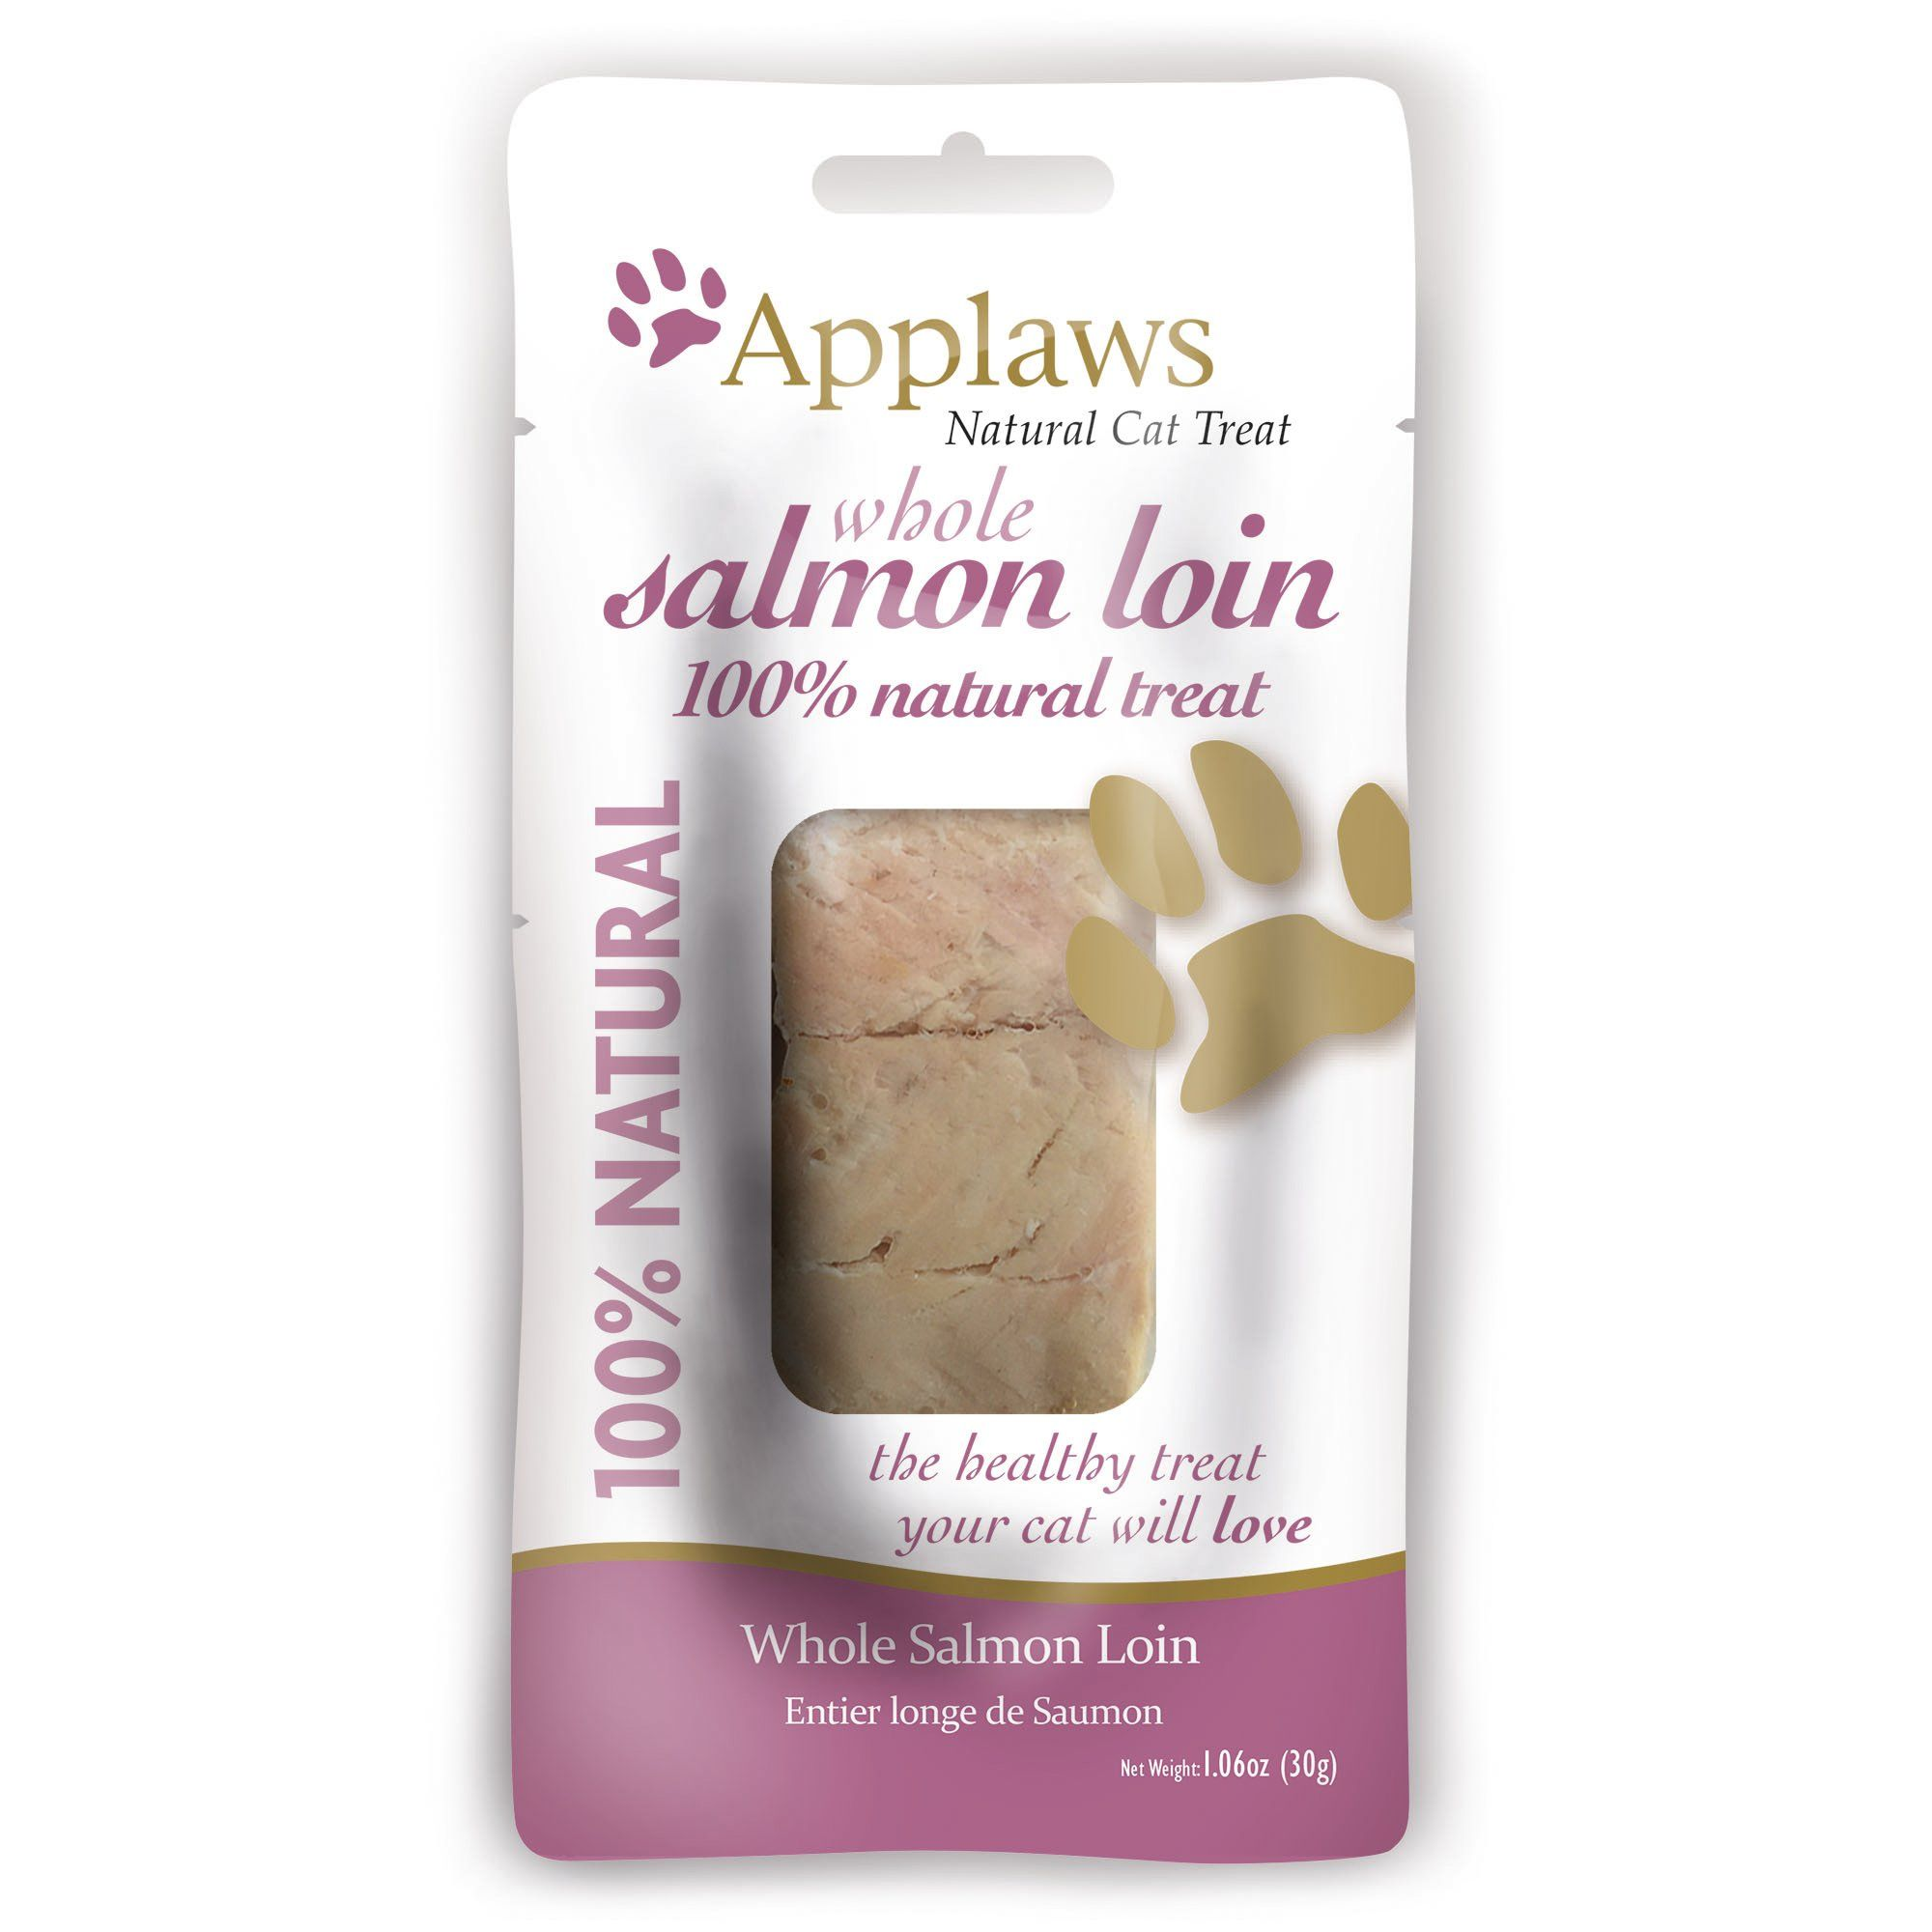 Applaws Whole Salmon Loin Cat Treat, 1.06 oz Cat treats